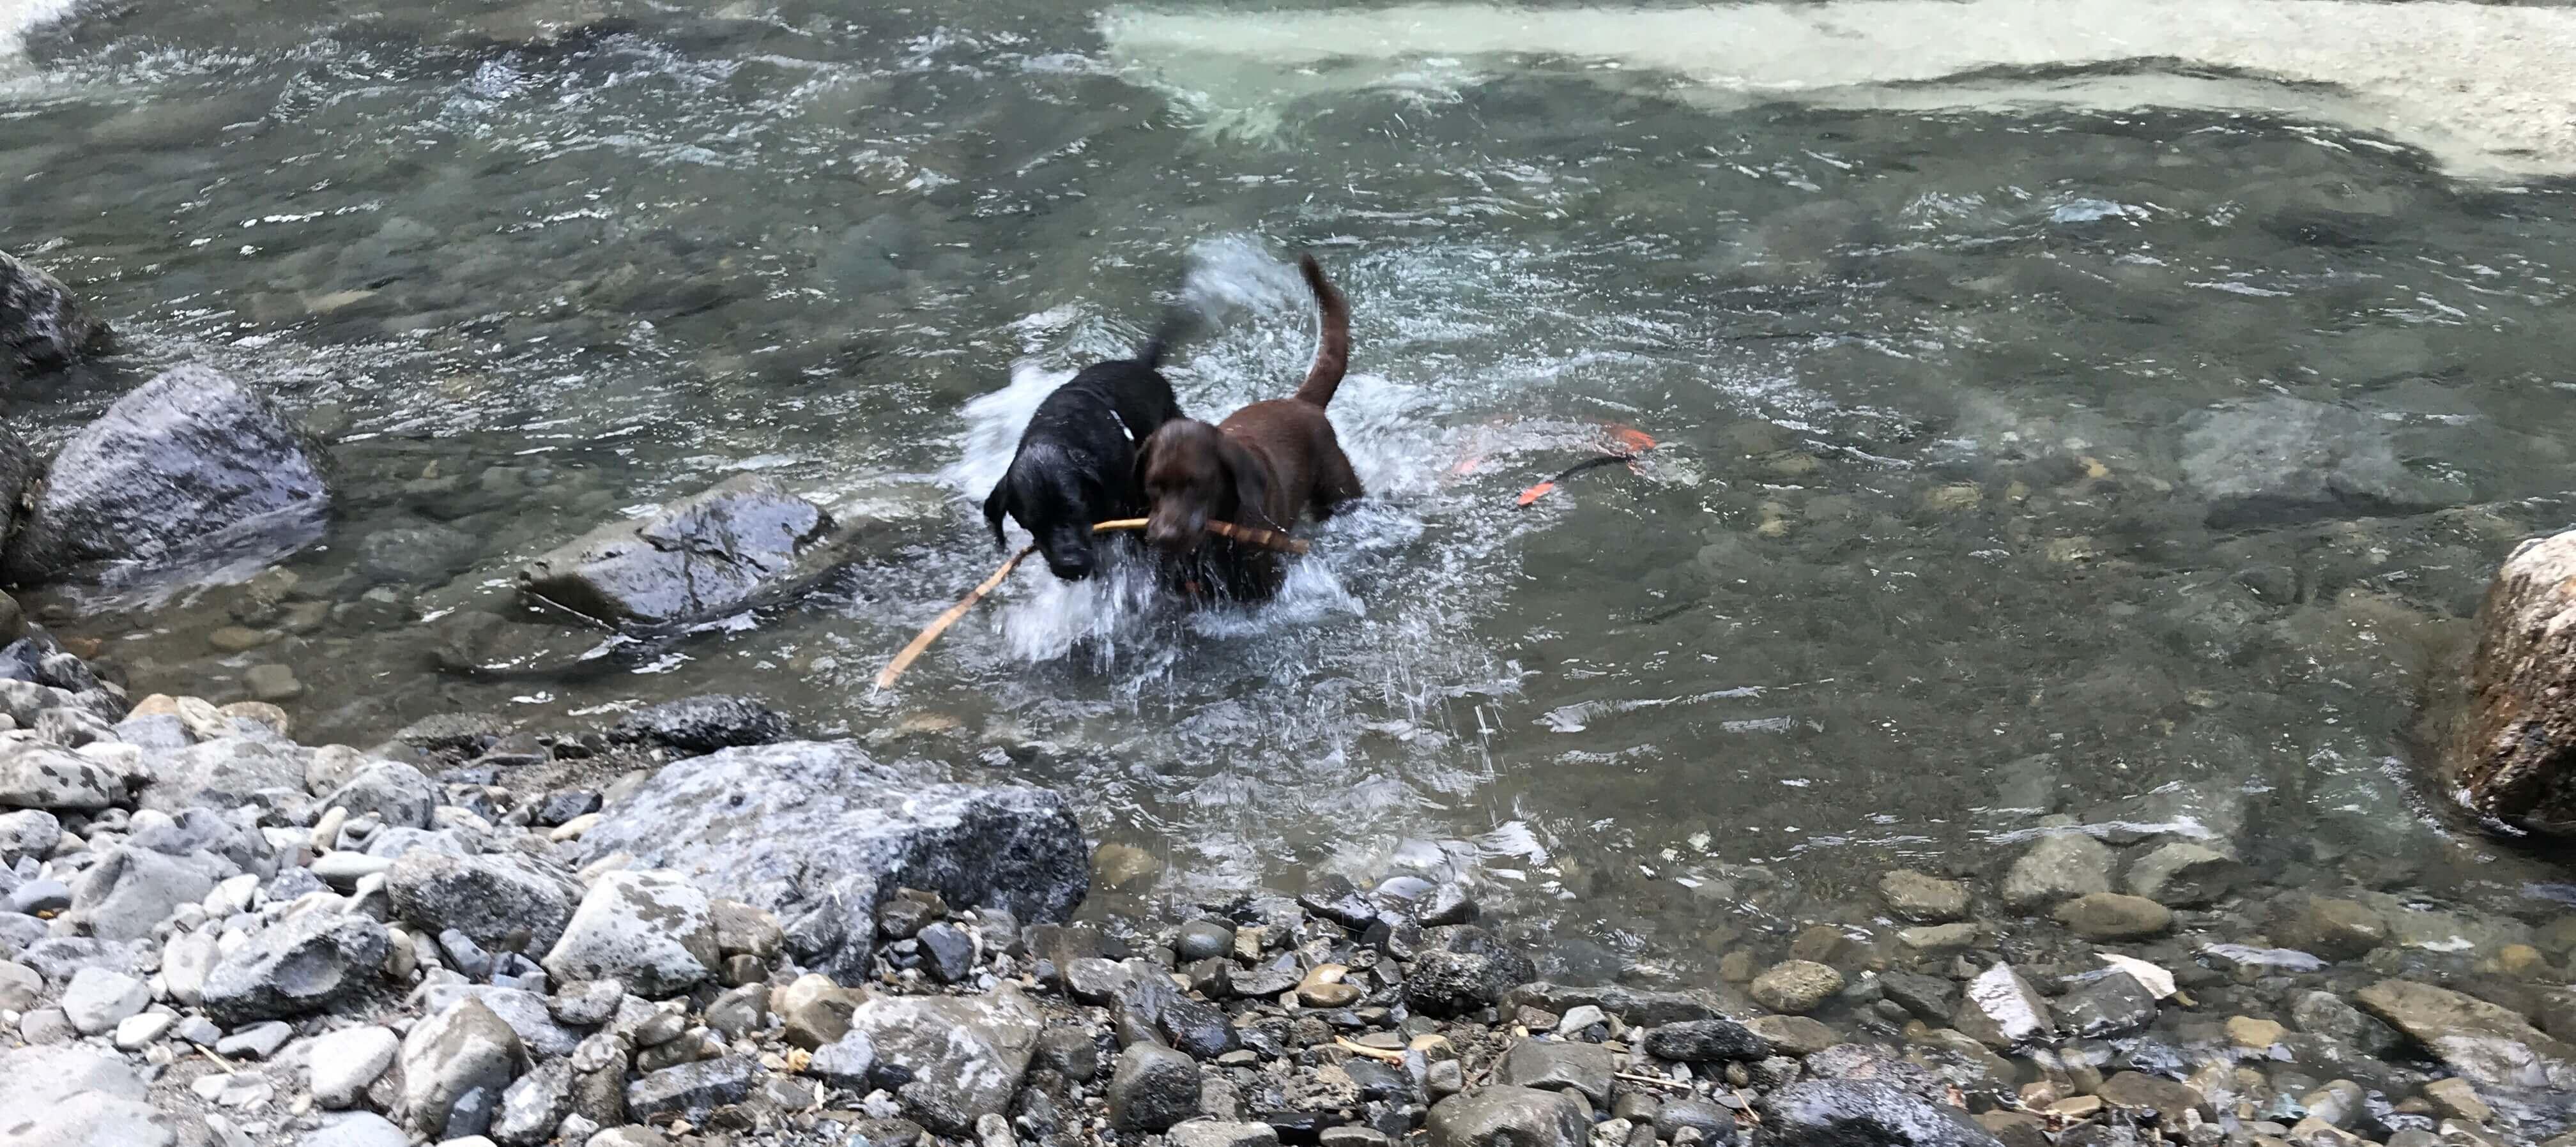 川で遊ぶ木を咥えたラブラドール